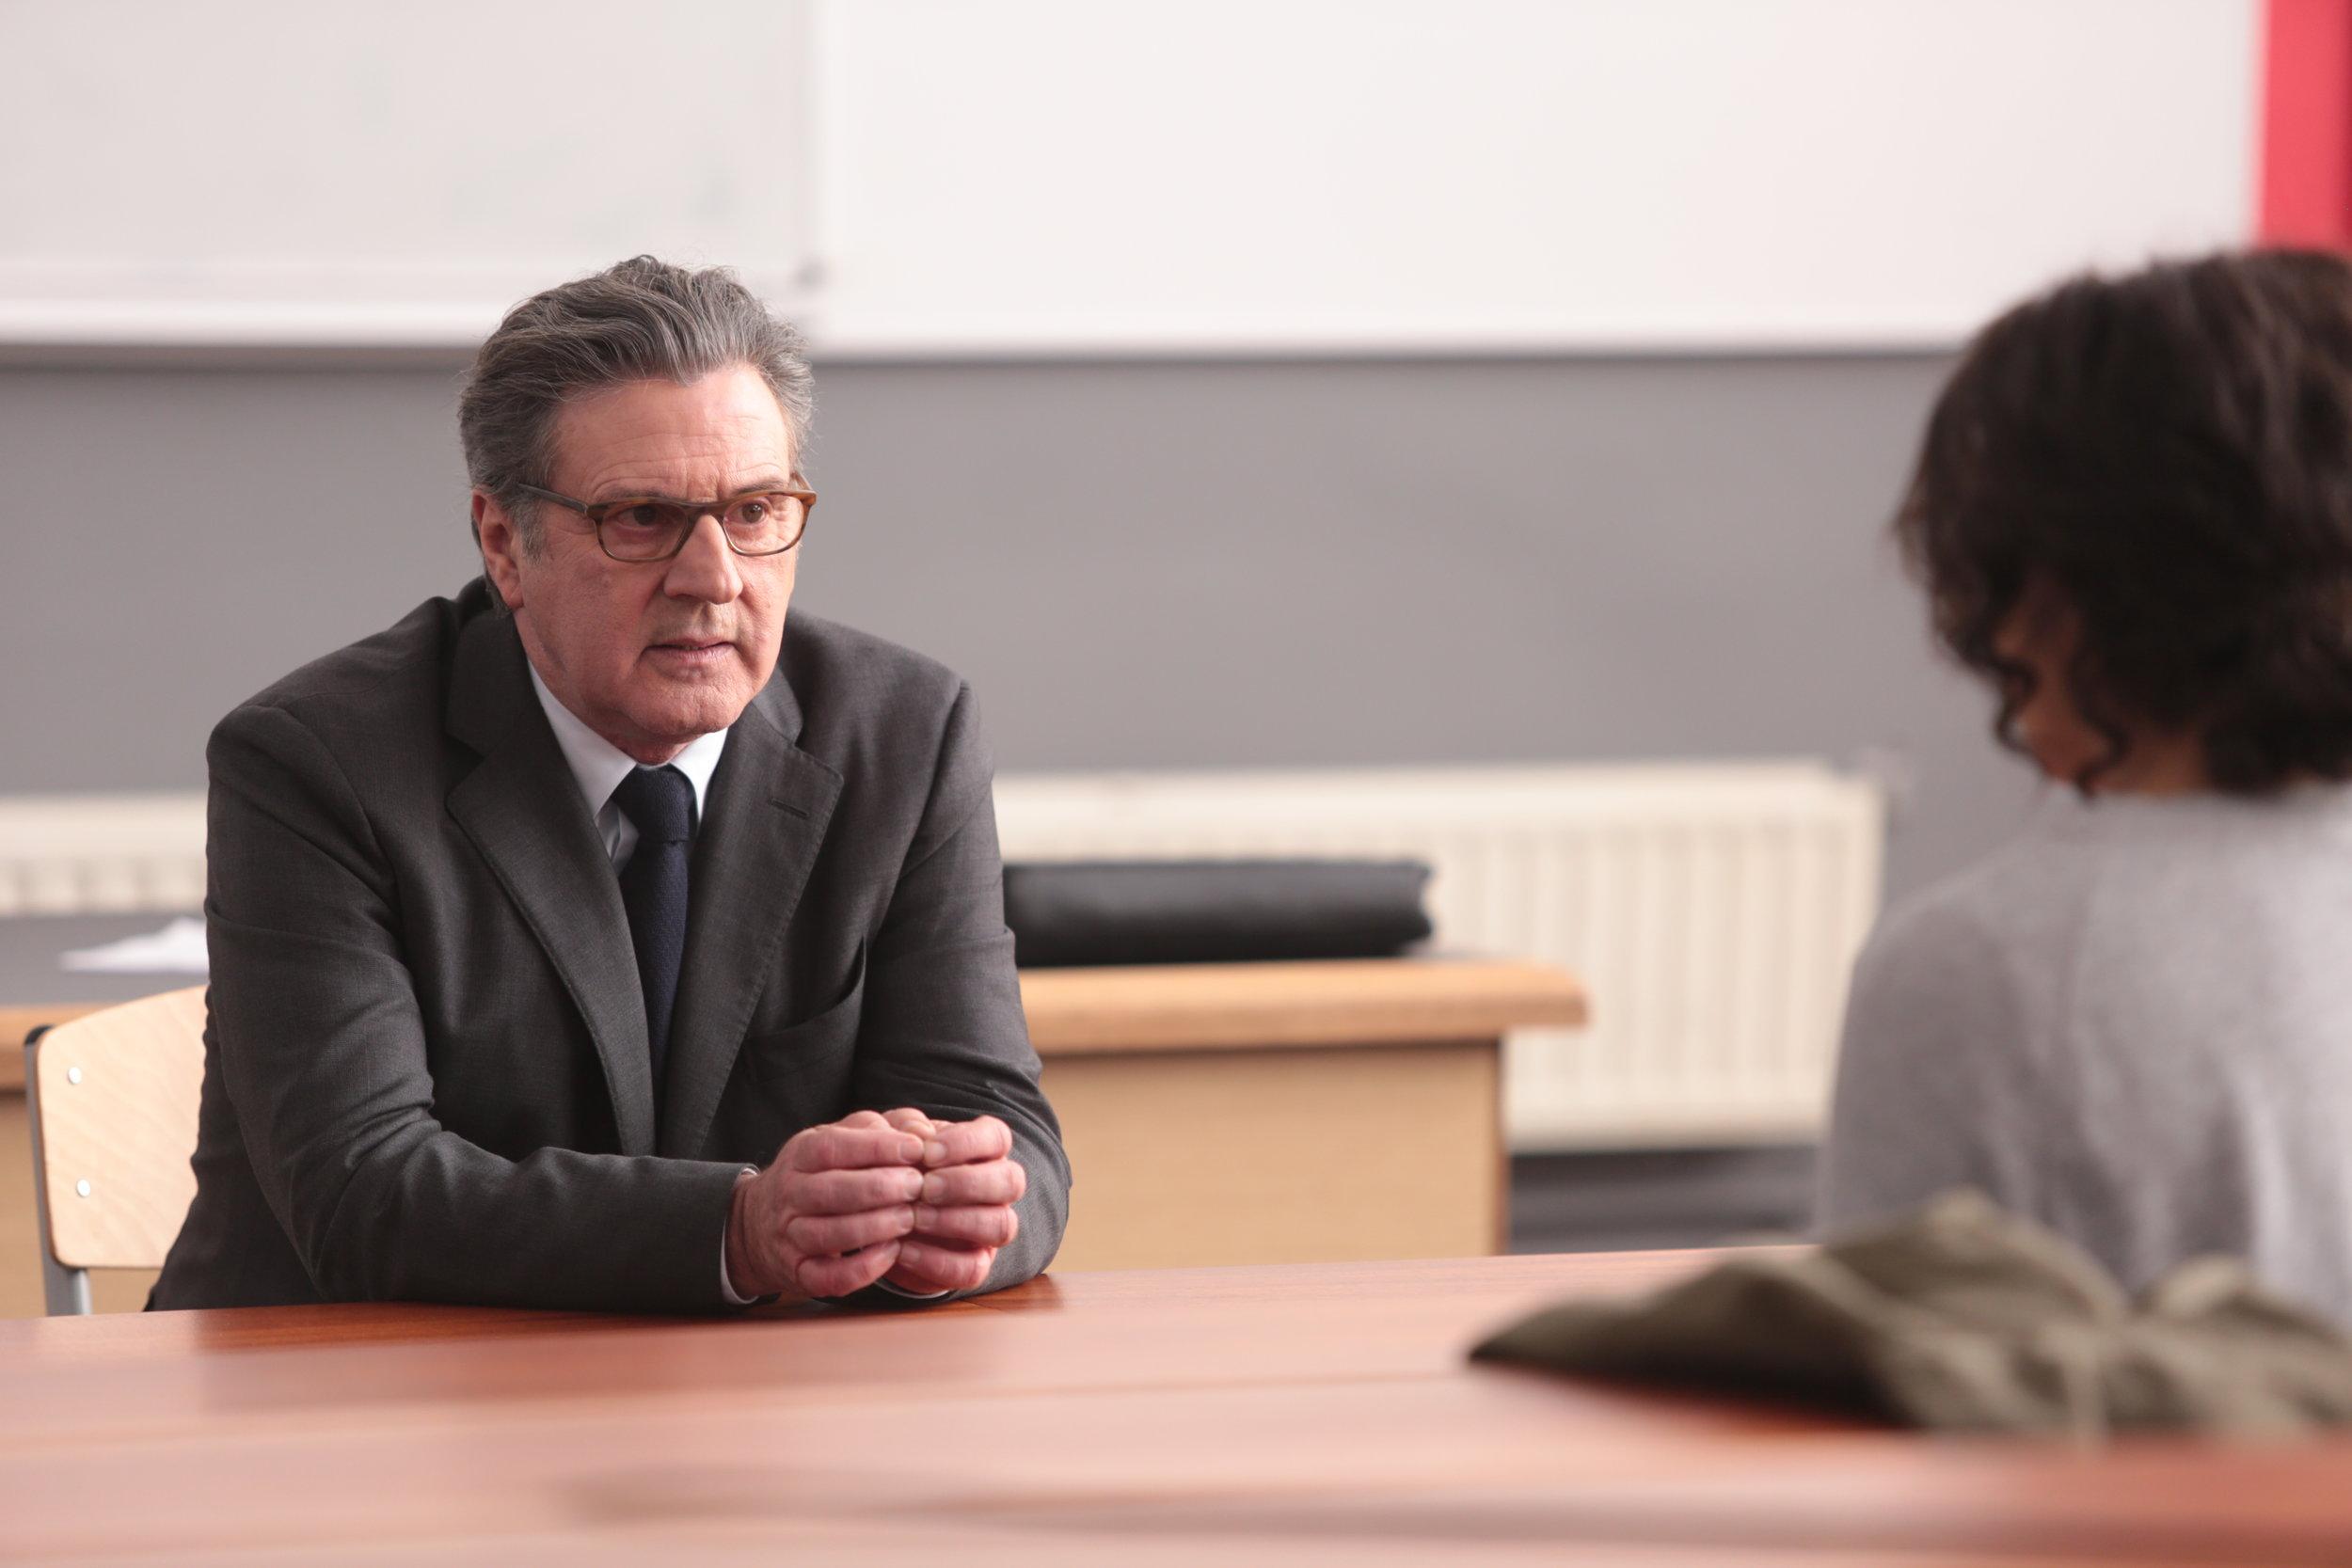 Rasisten Mazard (Daniel Auteuil) må undervise den ambisiøse Neila, en ung kvinne med en innvandrerbakgrunn han forakter.